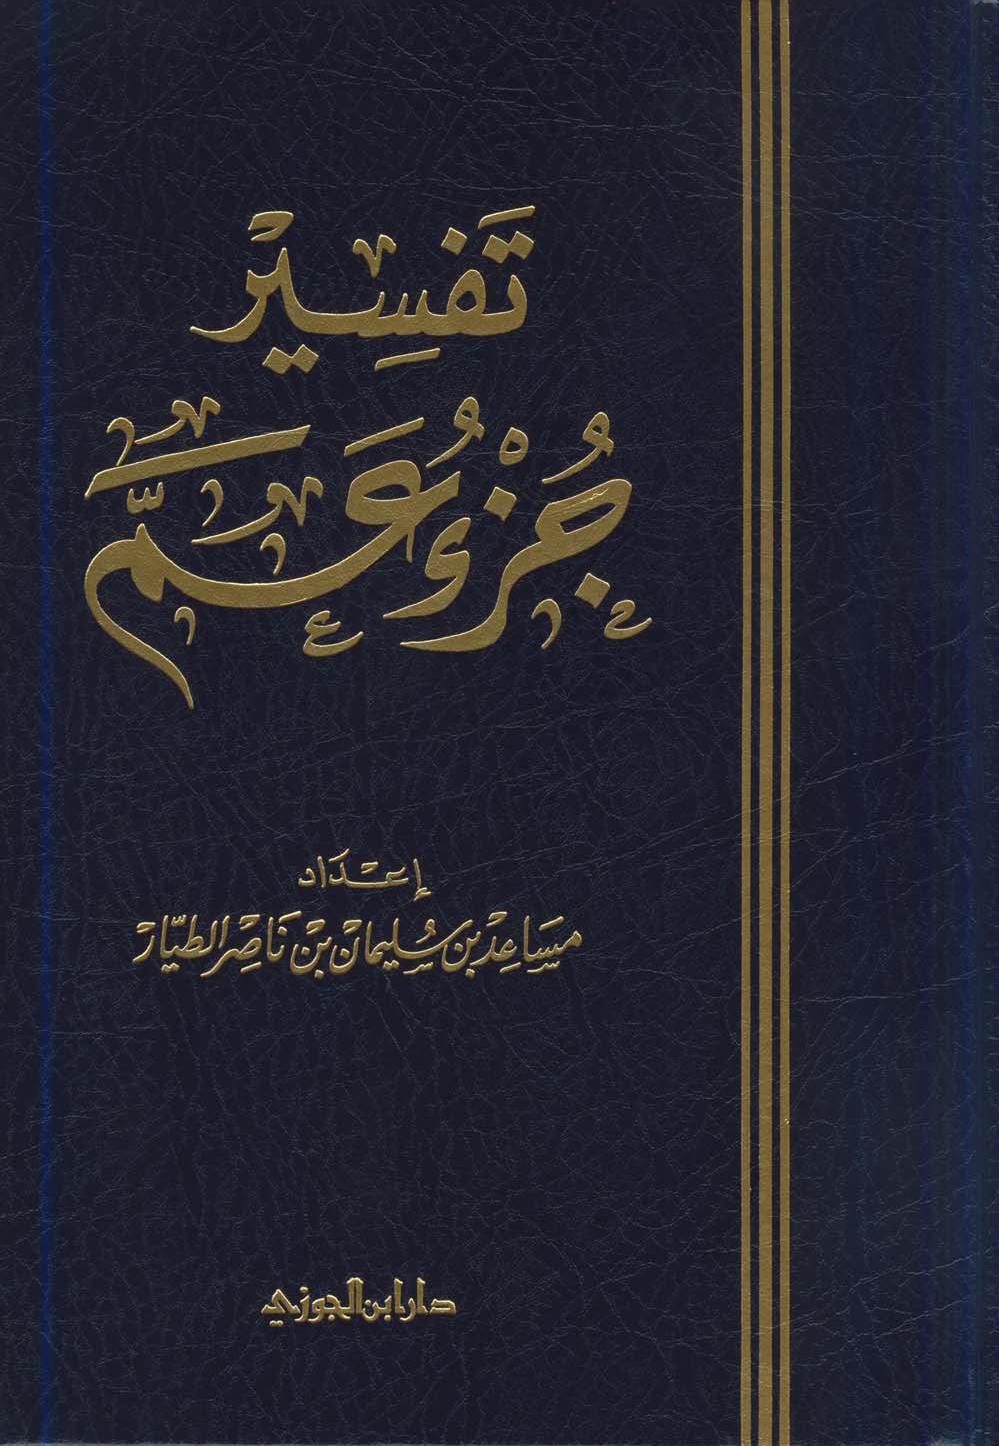 تحميل كتاب تفسير جزء عم (الطيار) لـِ: الدكتور مساعد بن سليمان بن ناصر الطيار